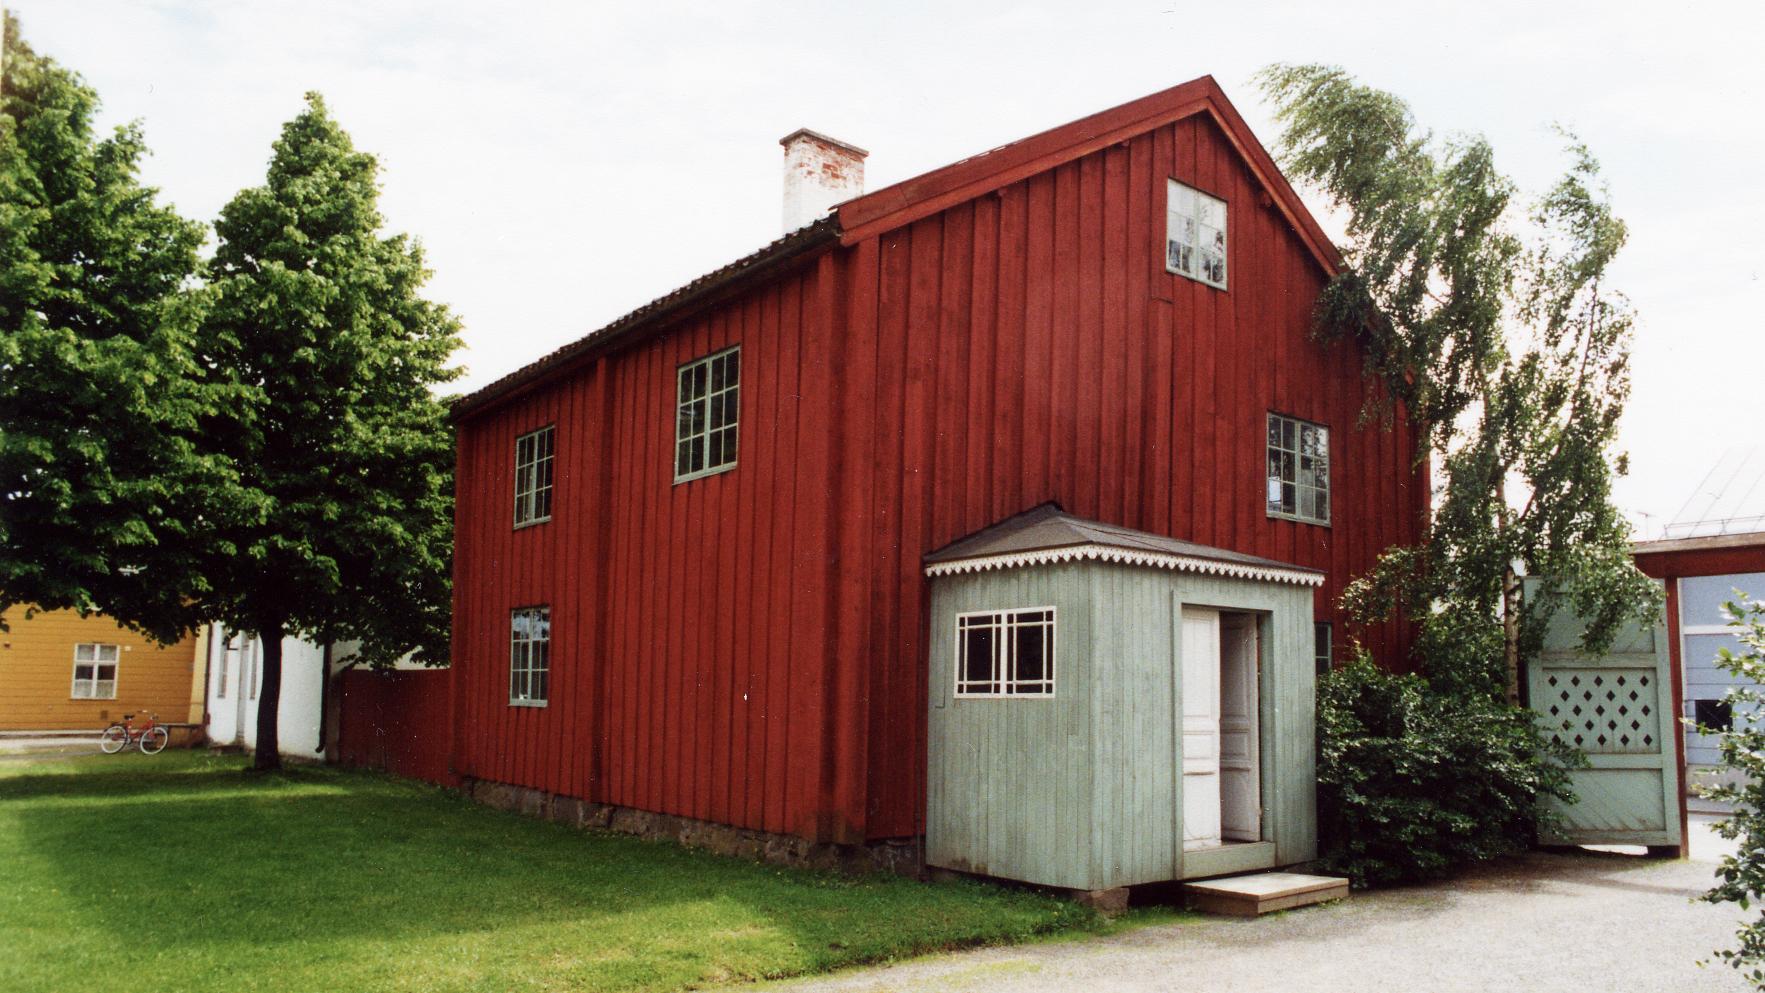 Punainen, puinen vanha rakennus kesällä kuvattuna.